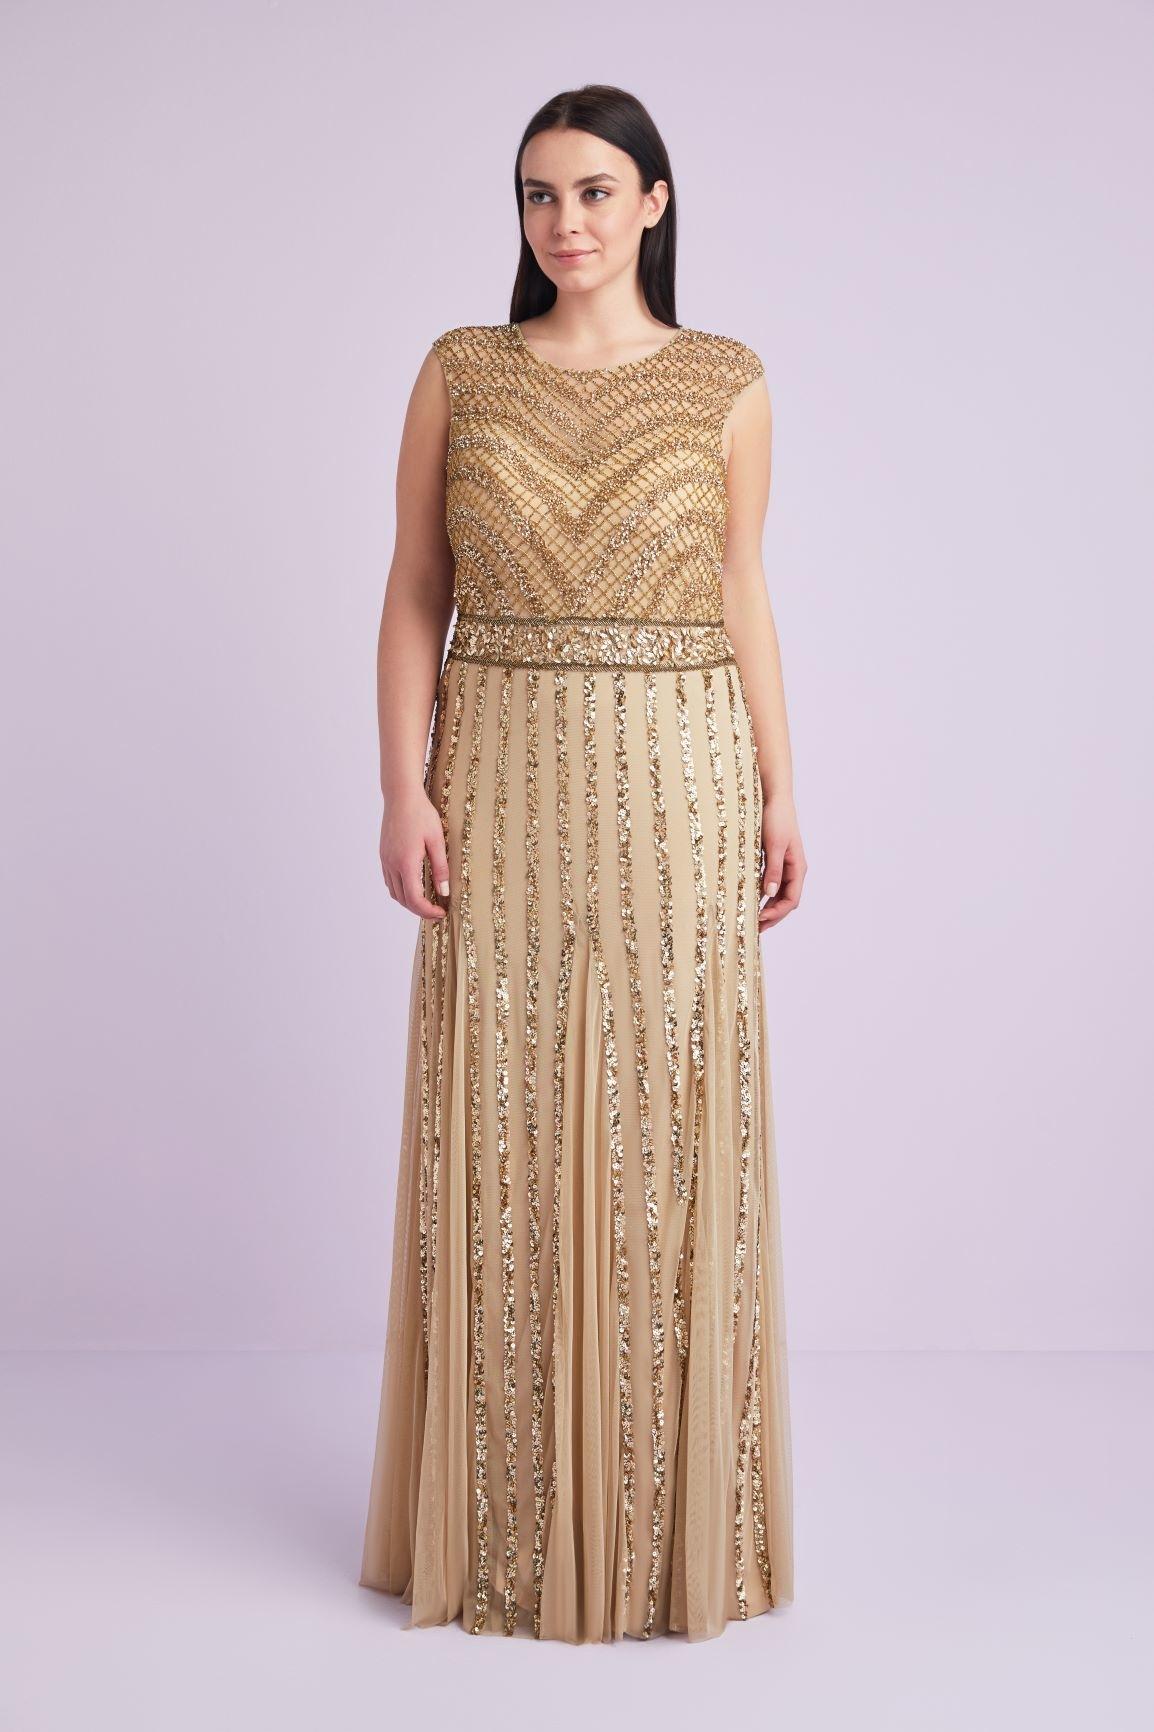 Altın Sarısı Kısa Kollu Payetli Büyük Beden Uzun Elbise - Thumbnail